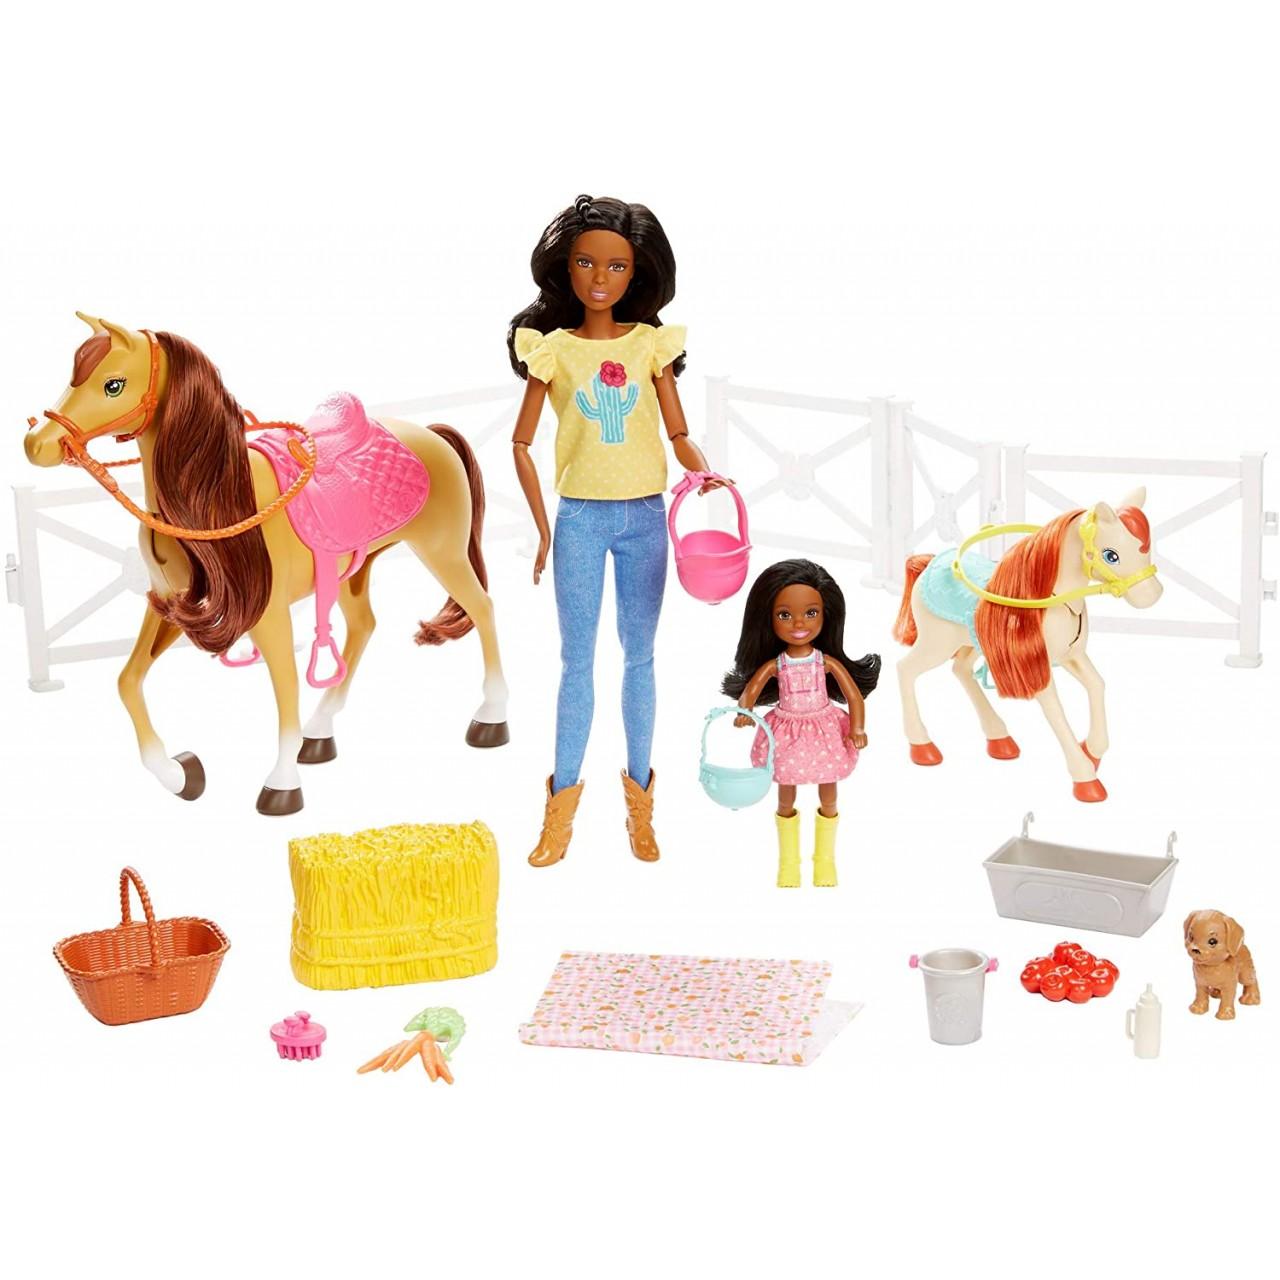 Ігровий набір лялька Барбі Брюнетка і Челсі Верхова їзда і обійми (FXH16) Mattel Barbie Hugs N Horses Playset